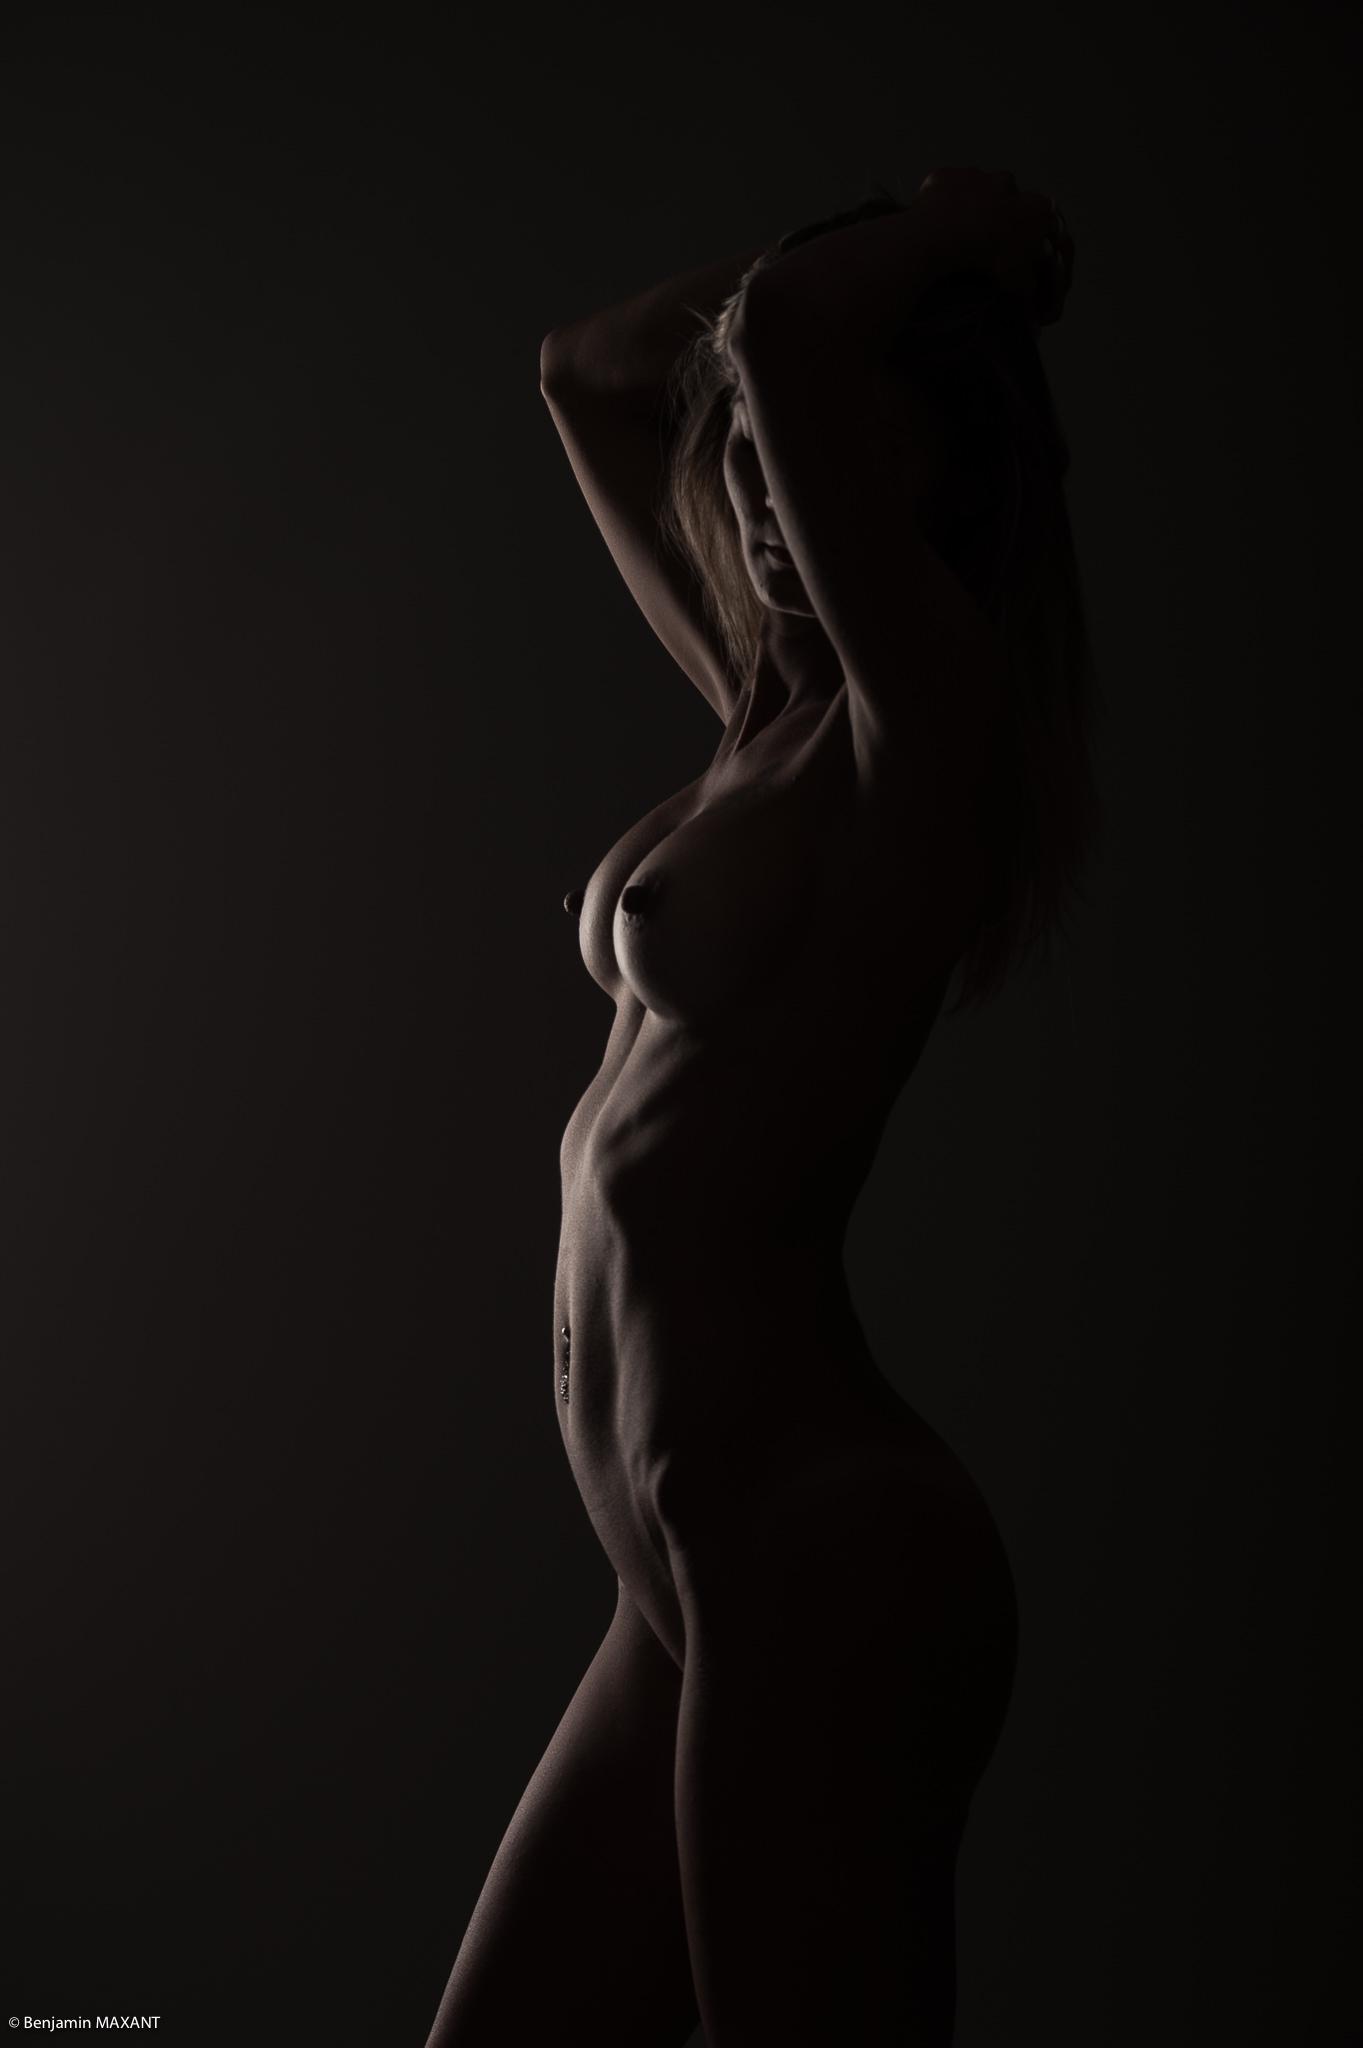 Séance photo lingerie en studio avec Emeline - string noir bras en l'air de côté